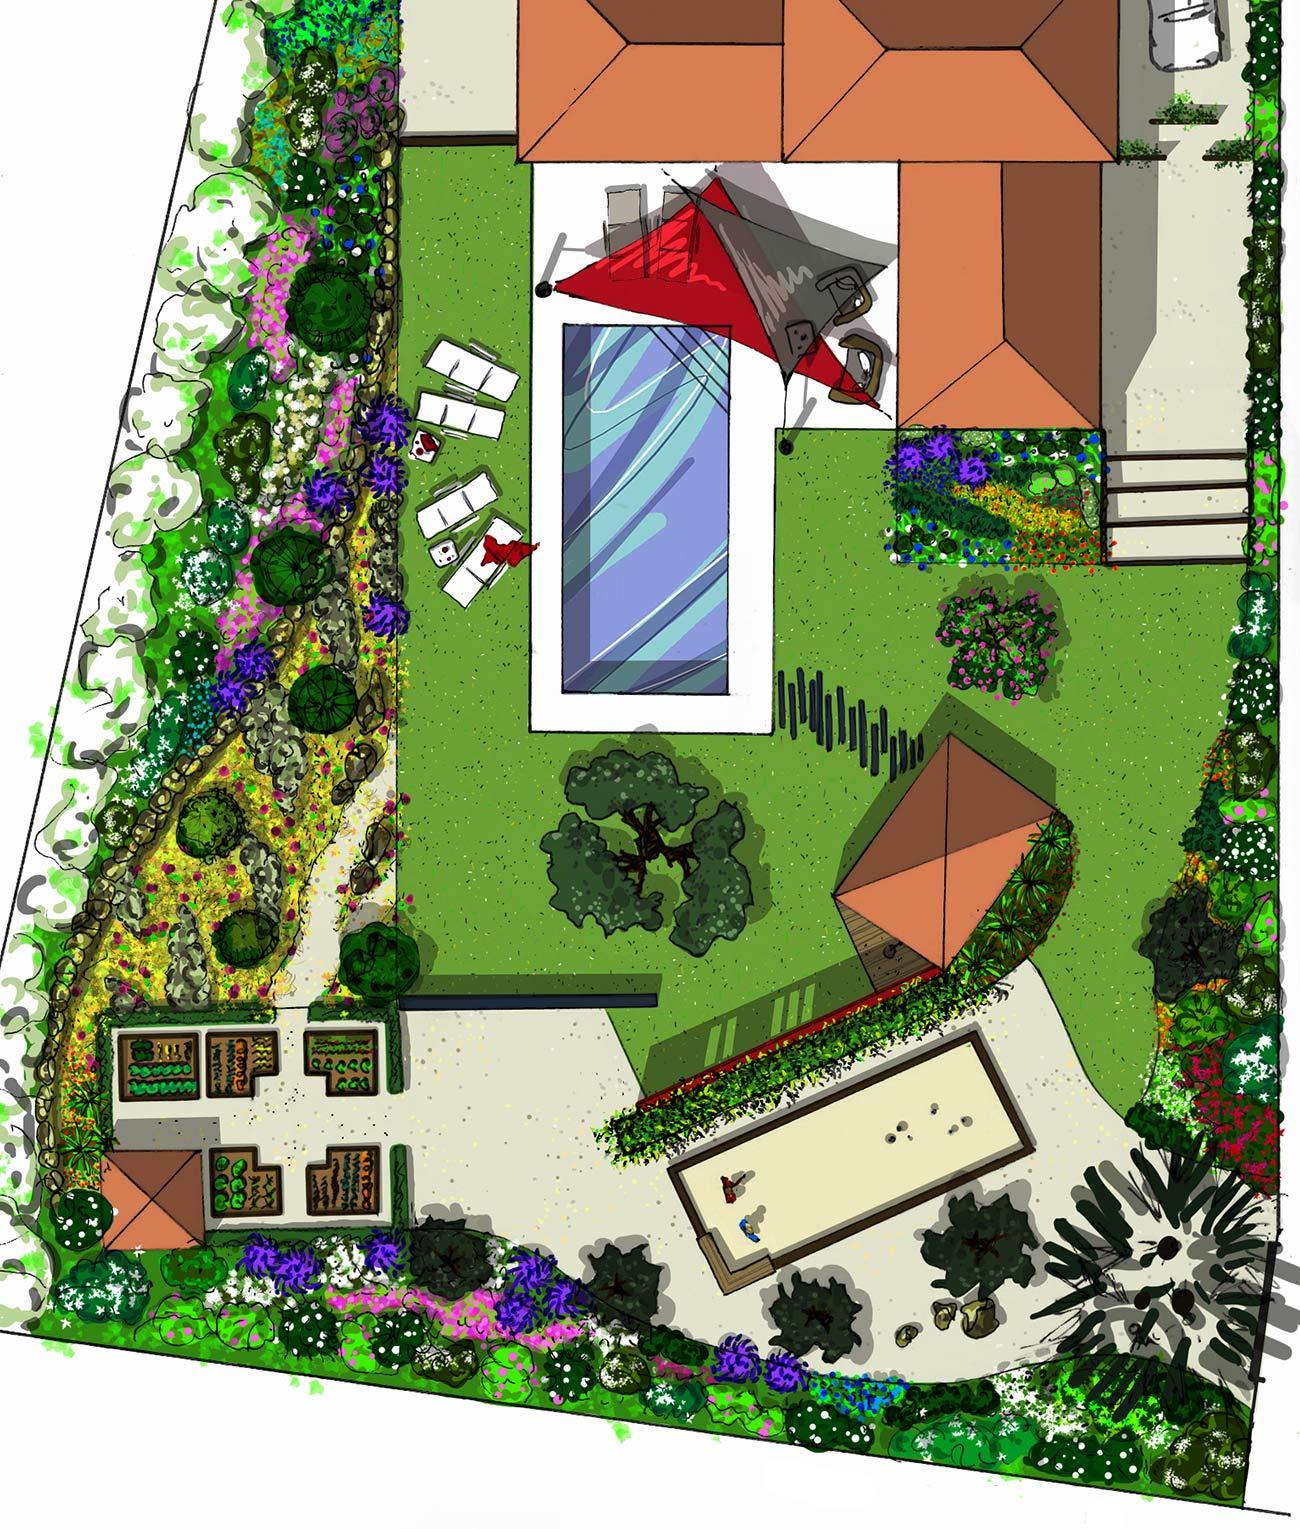 Atelier Naudier - Architecte paysagiste concepteur - Montpellier & Aix en Provence - Jardin naturel contemporain - PLAN PROJET - aménagement jardin - FRANCE 3 IN SiTU